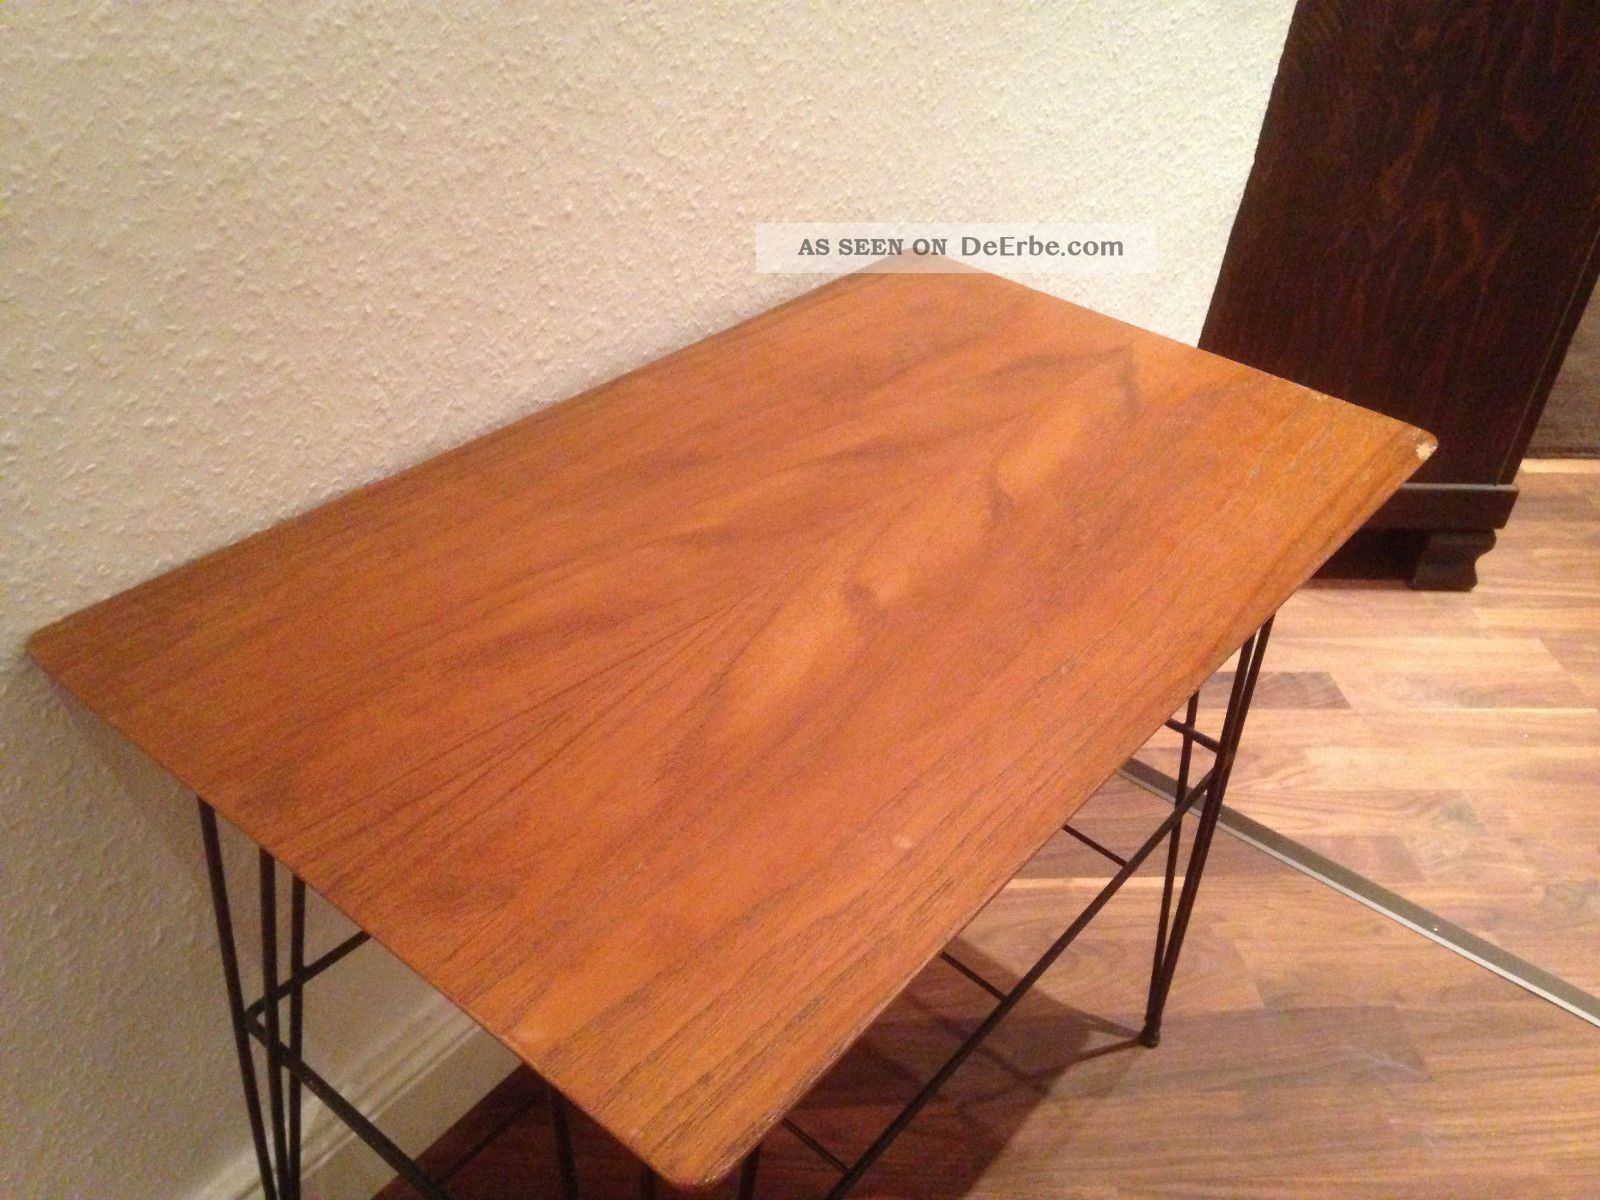 Antiker tisch beistelltisch couchtisch 50er 60er jahre for Beistelltisch 60er jahre